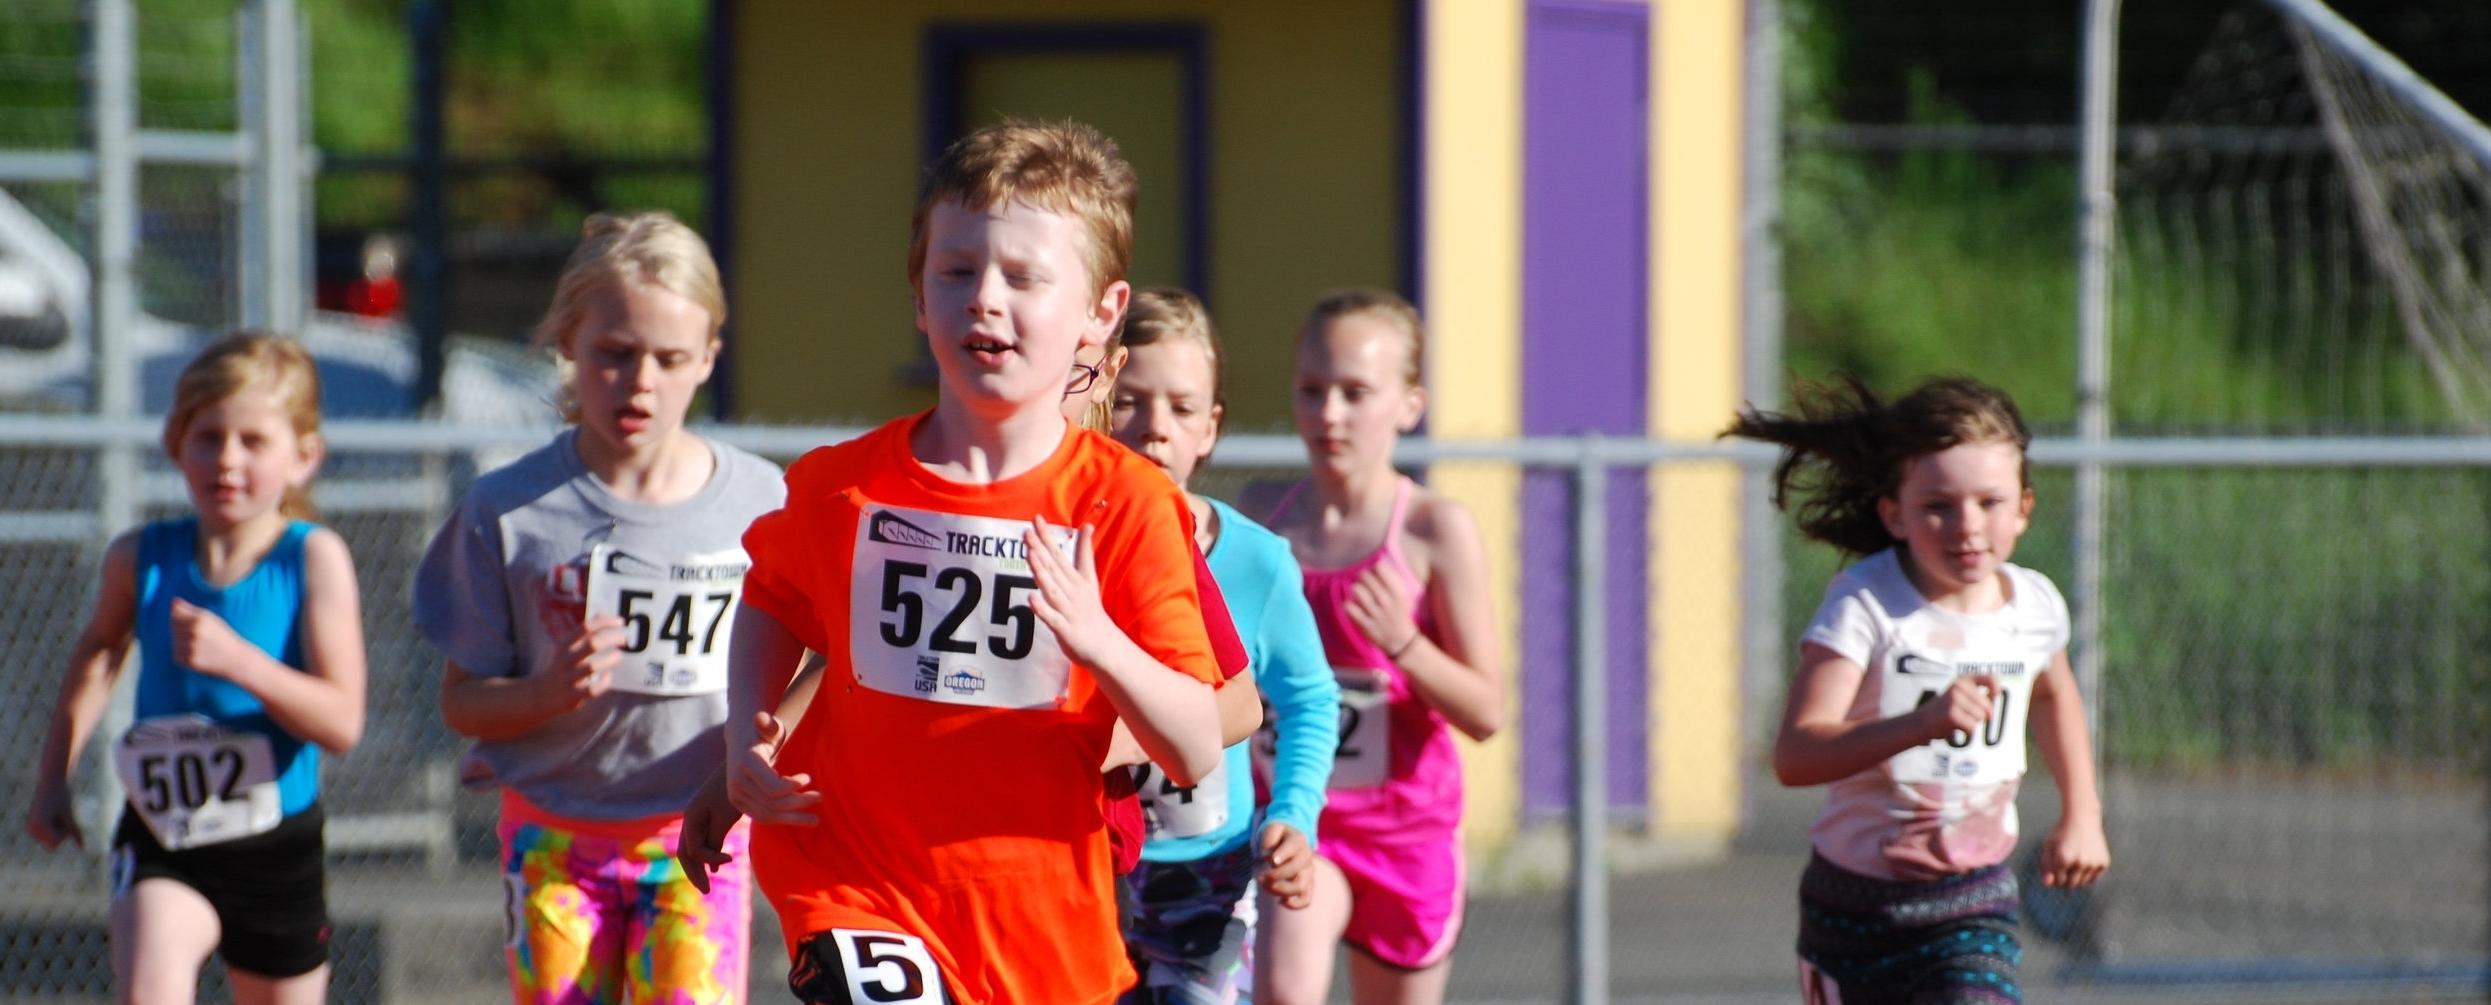 1500 Meter Run